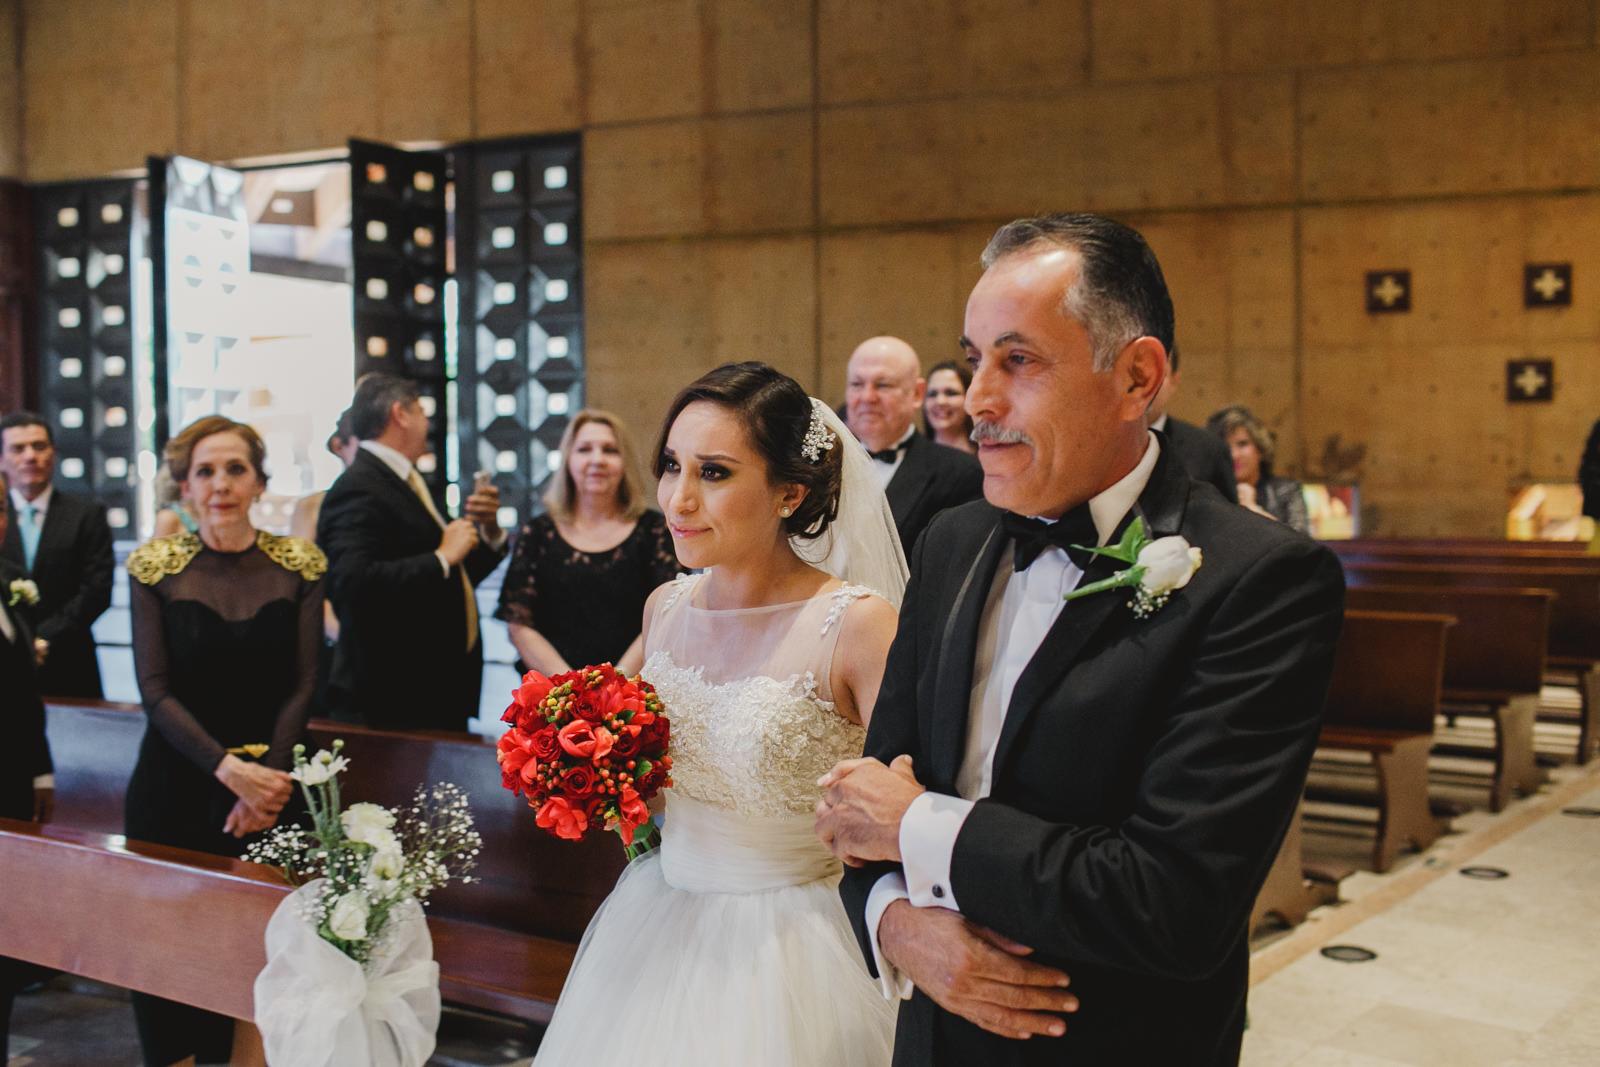 armando-aragon-fotografo-de-bodas-032